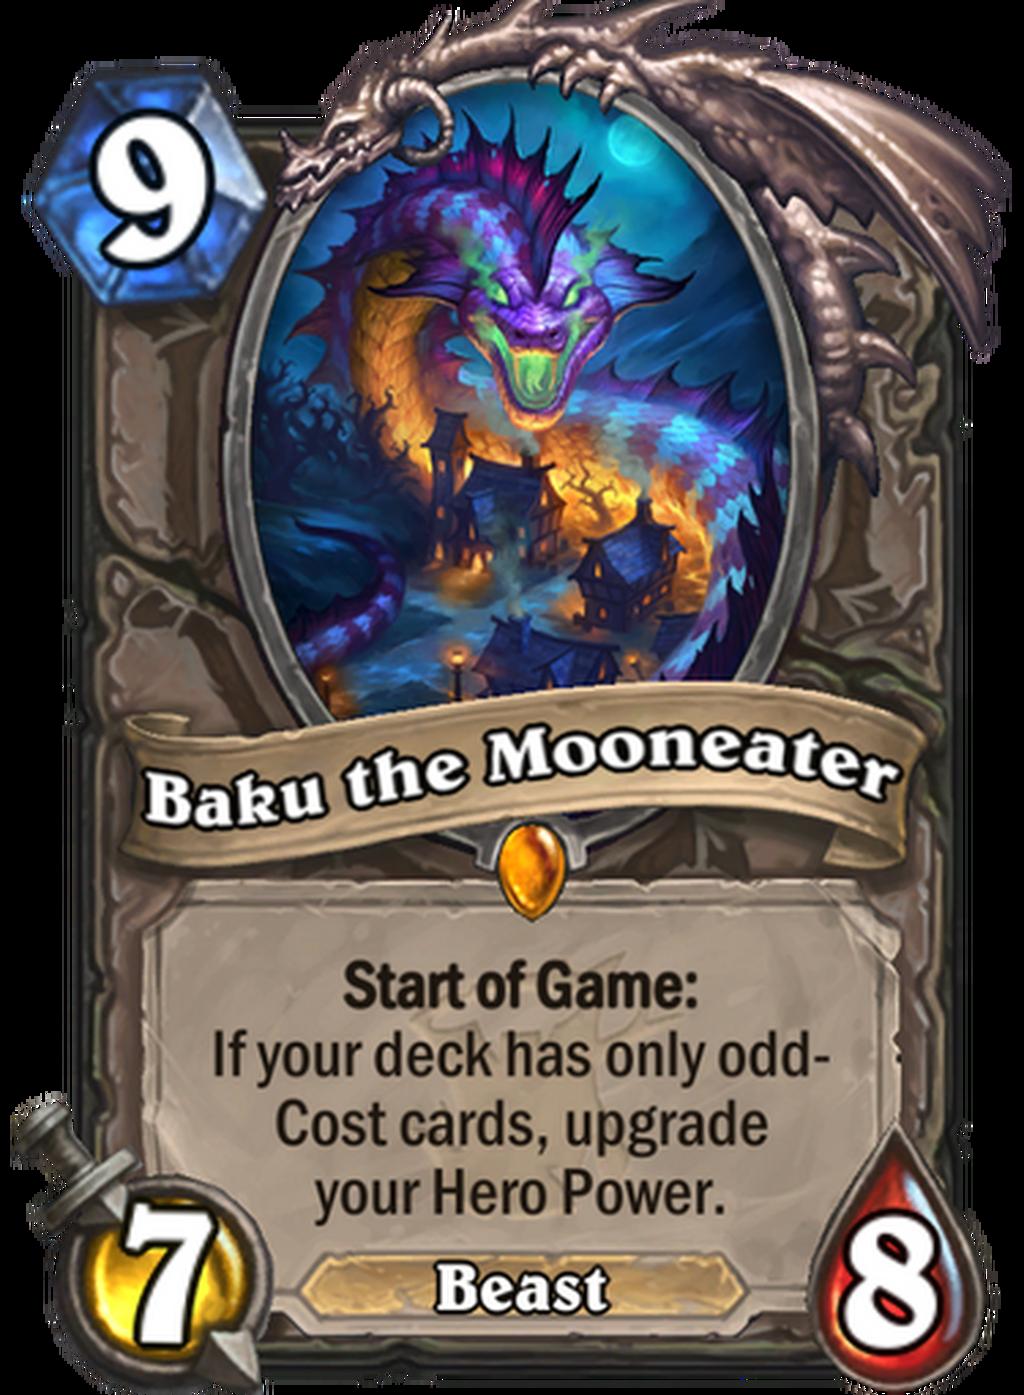 Baku the Mooneater